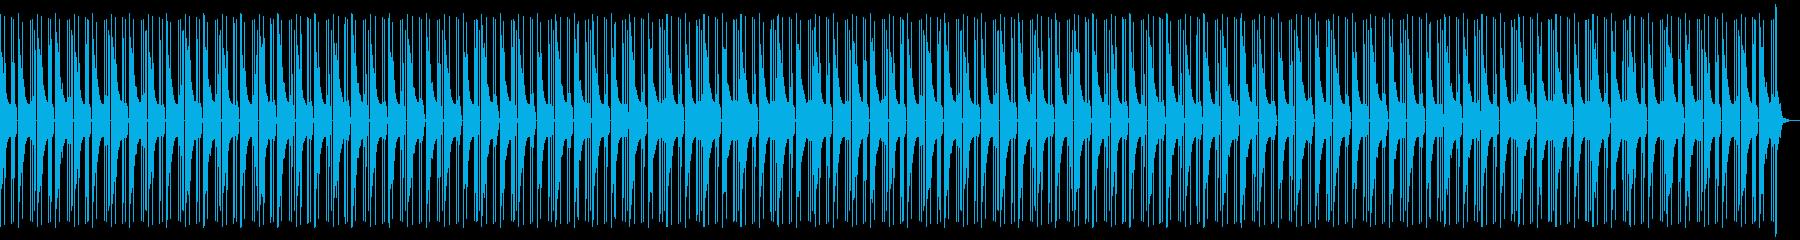 フリースタイル用ビート(あやしい雰囲気)の再生済みの波形